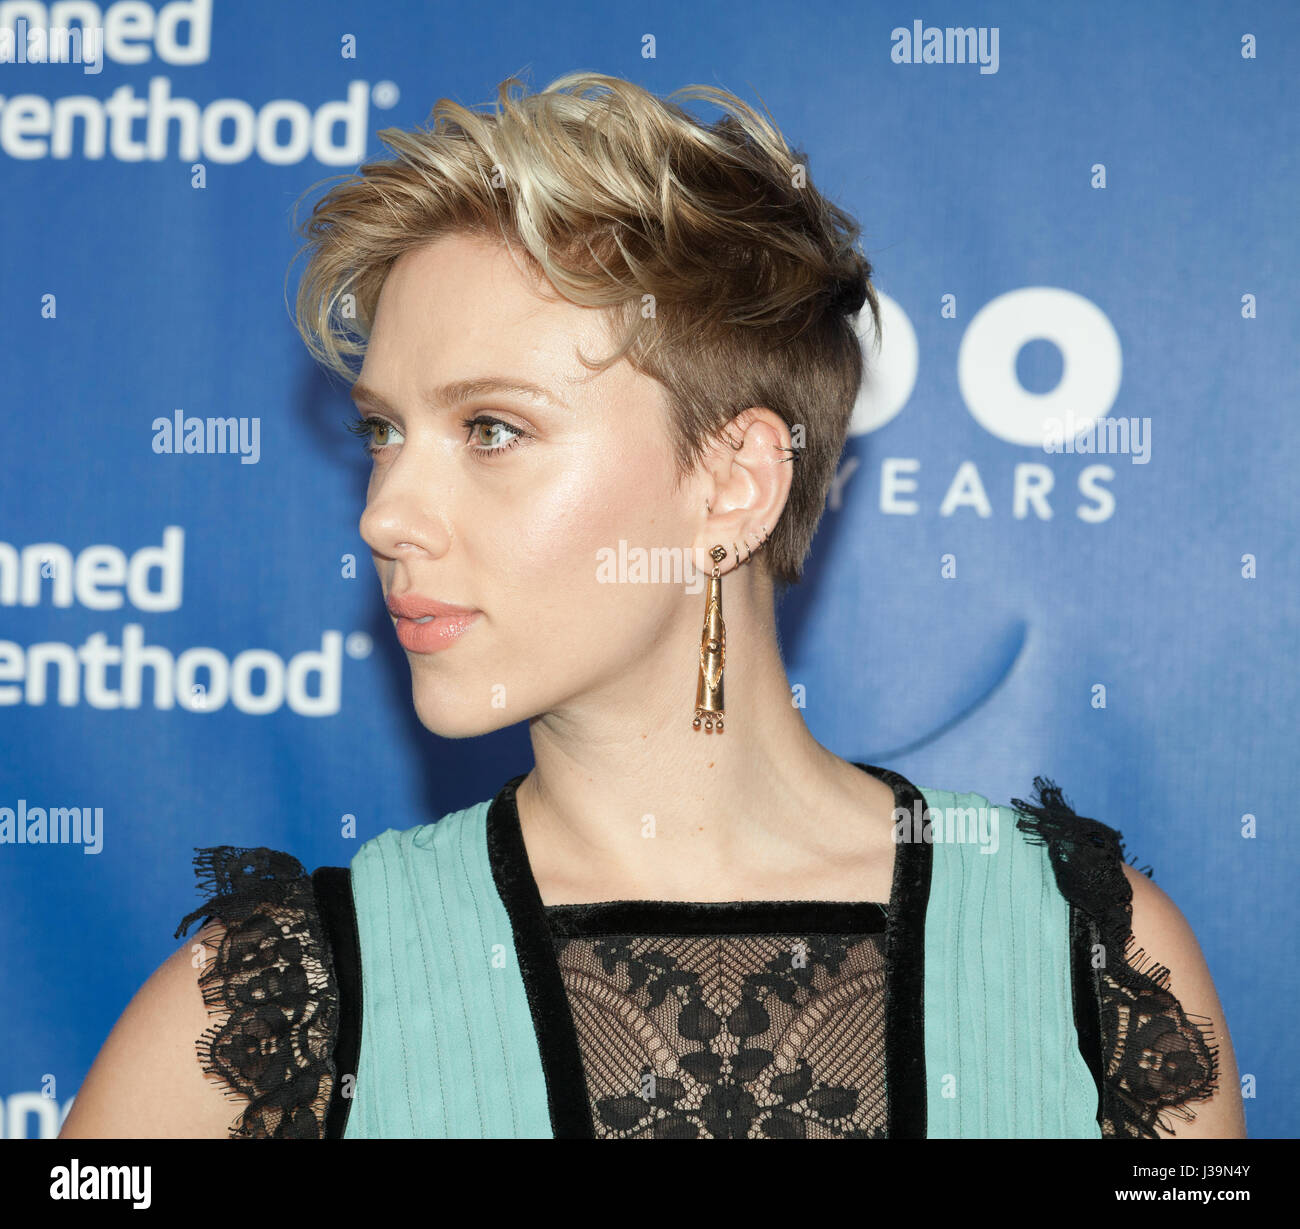 New York, NY USA - 2. Mai 2017: Scarlett Johansson besucht der IPPF 100. Jubiläums-Gala am Pier 36 Stockfoto